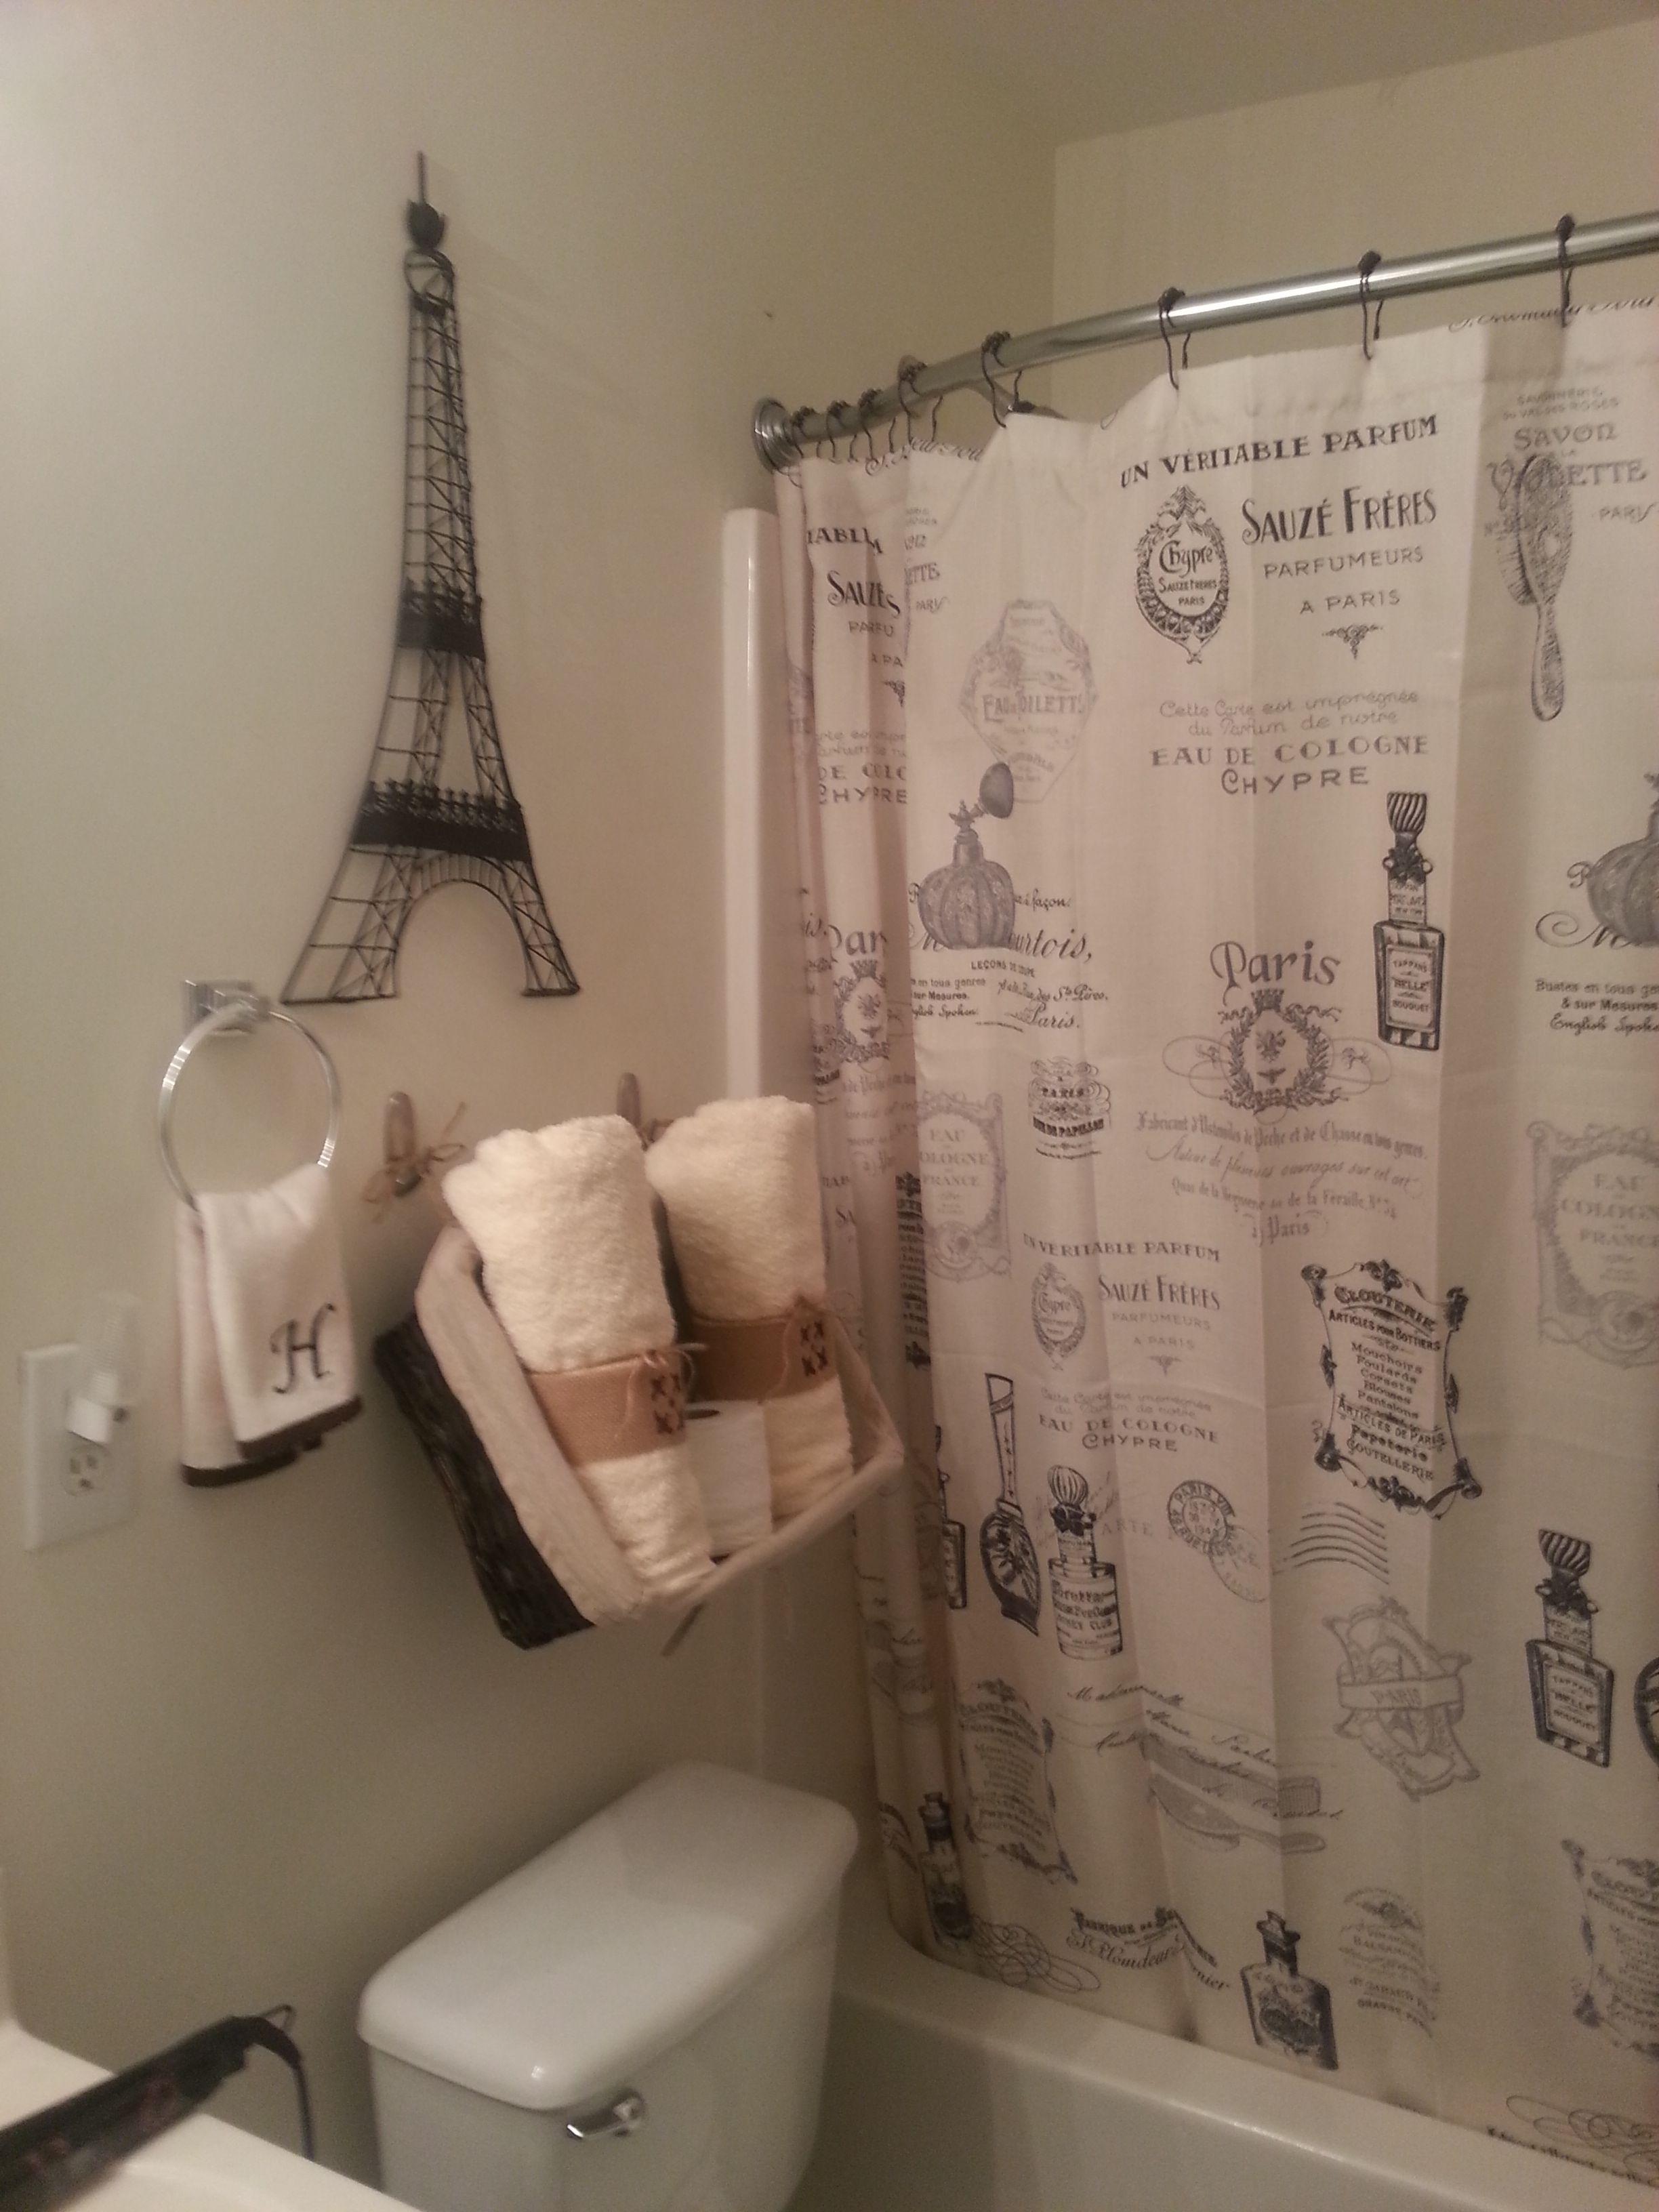 Paris Themed Bathroom Shower Curtains And Eiffel Tower Decor Companeros De Casa Decoraciones De Casa Decoraciones Del Hogar